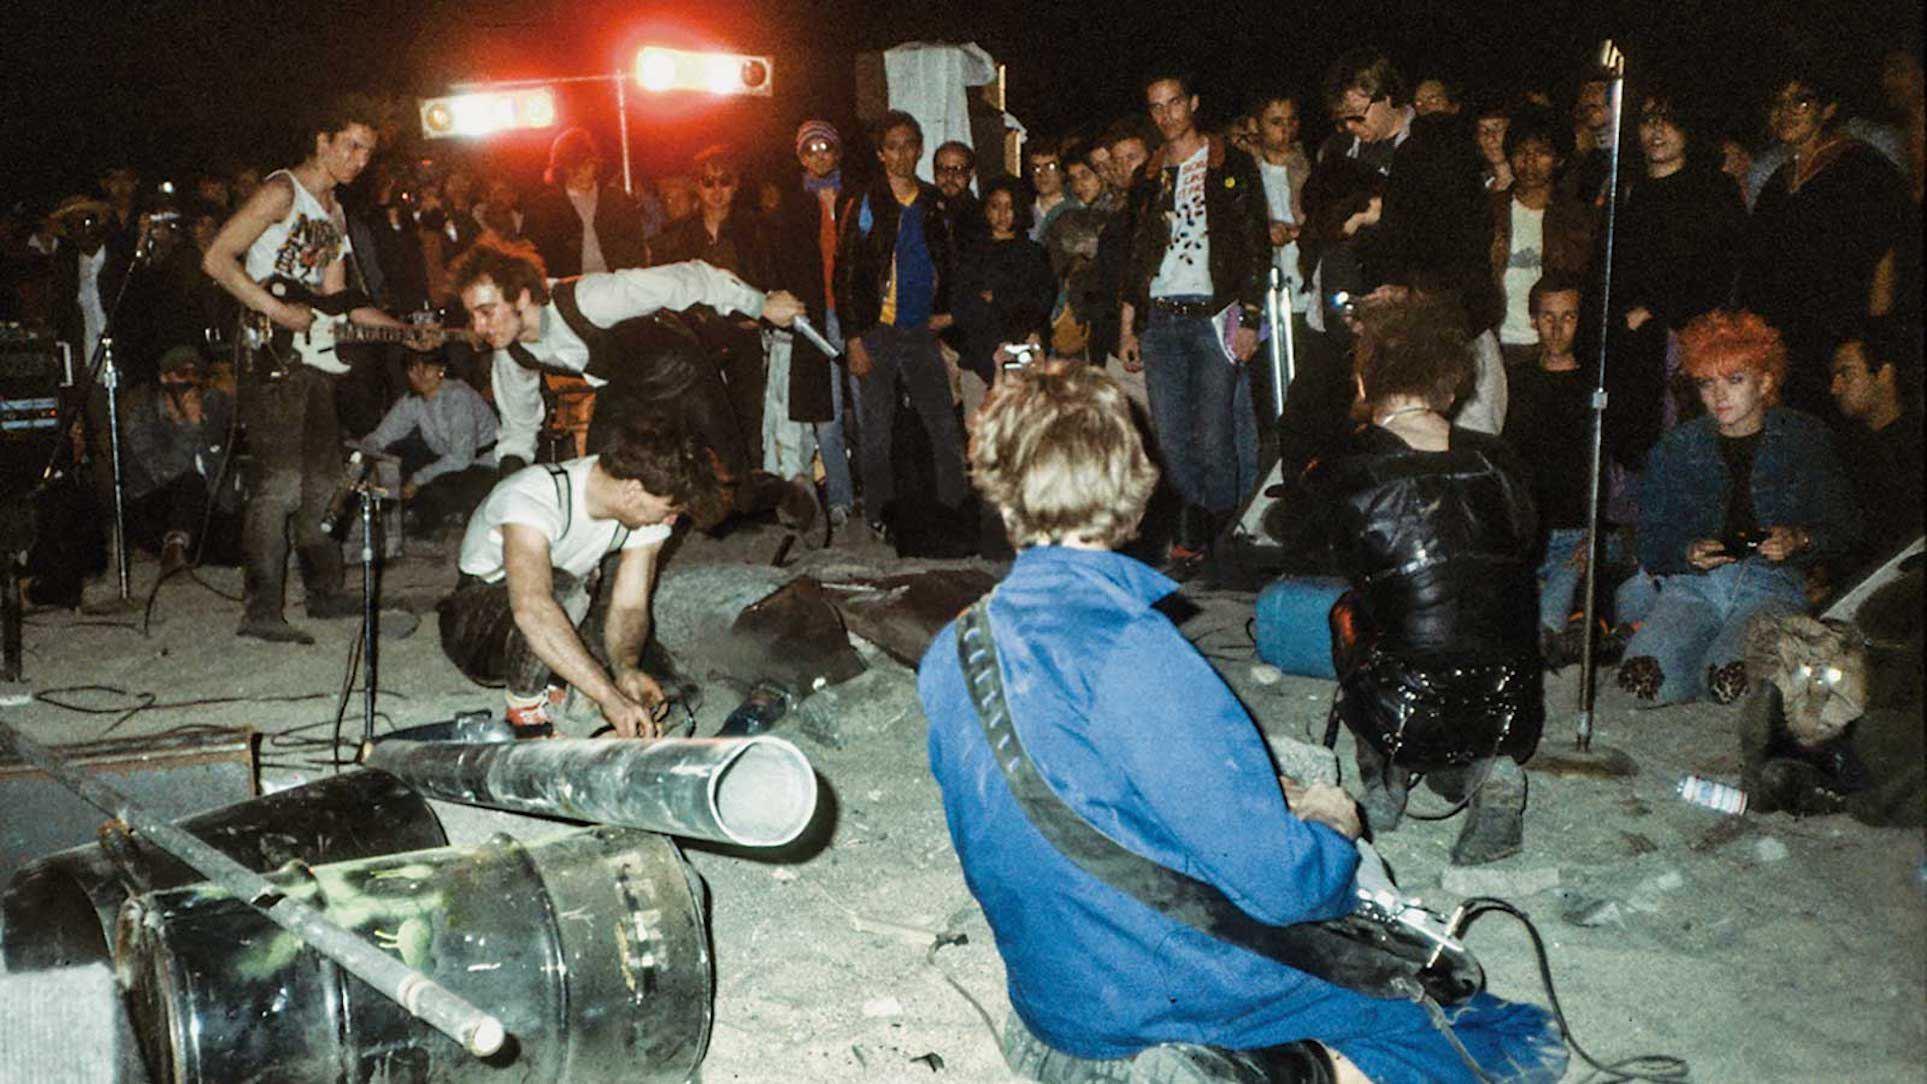 """Einstürzende Neubauten in der Dokumentation """"Desolation Center"""" Foto: Mu Productions"""